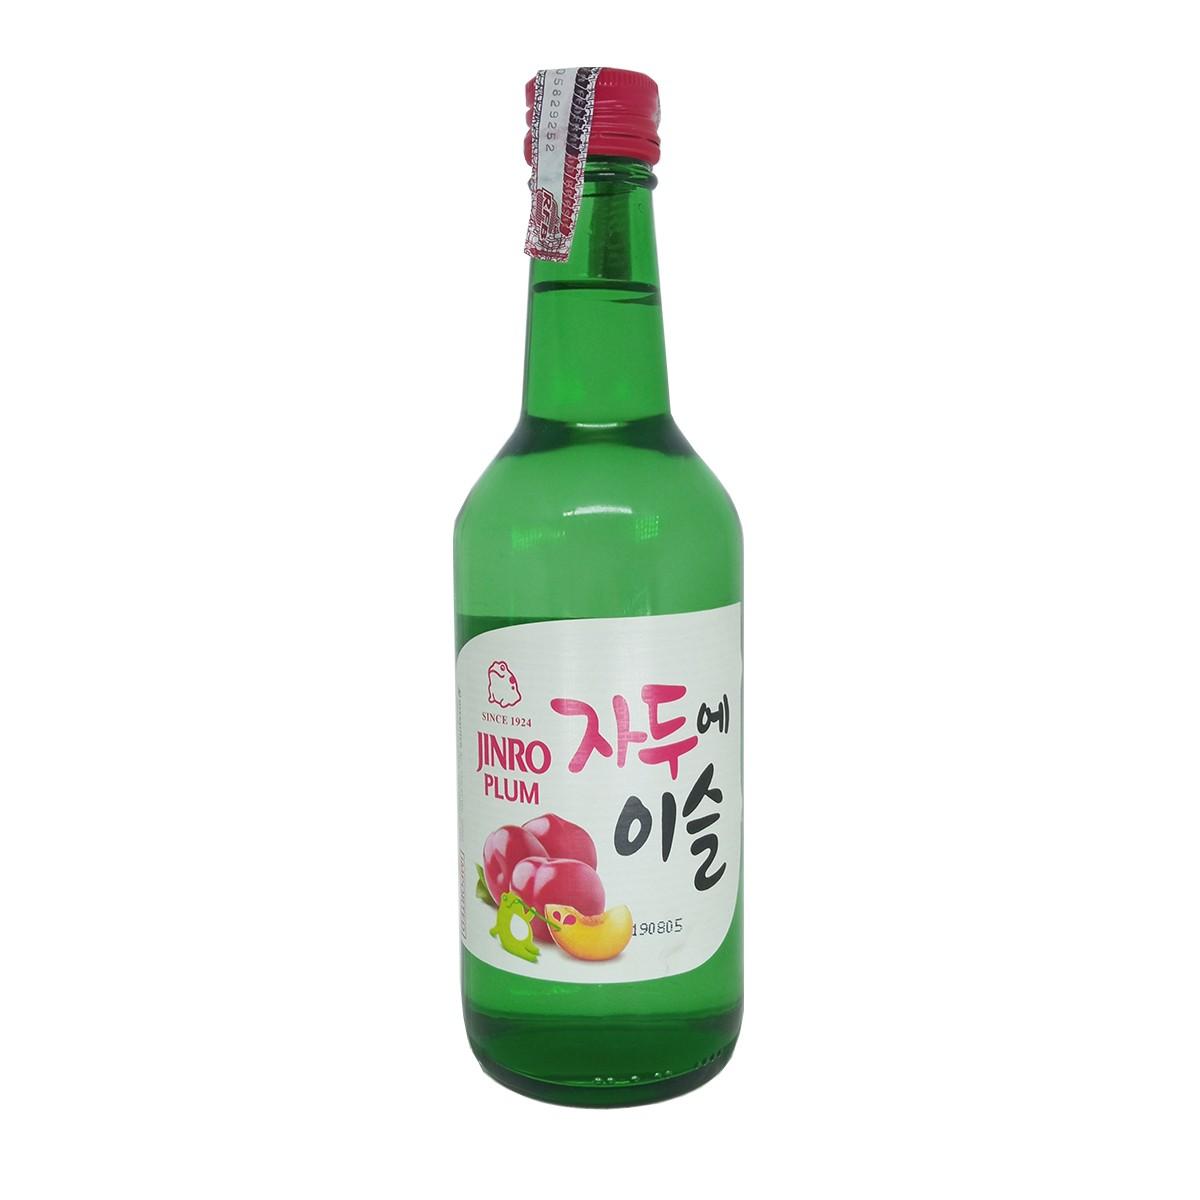 Bebida Coreana Soju Ameixa Jinro Plum 360ml